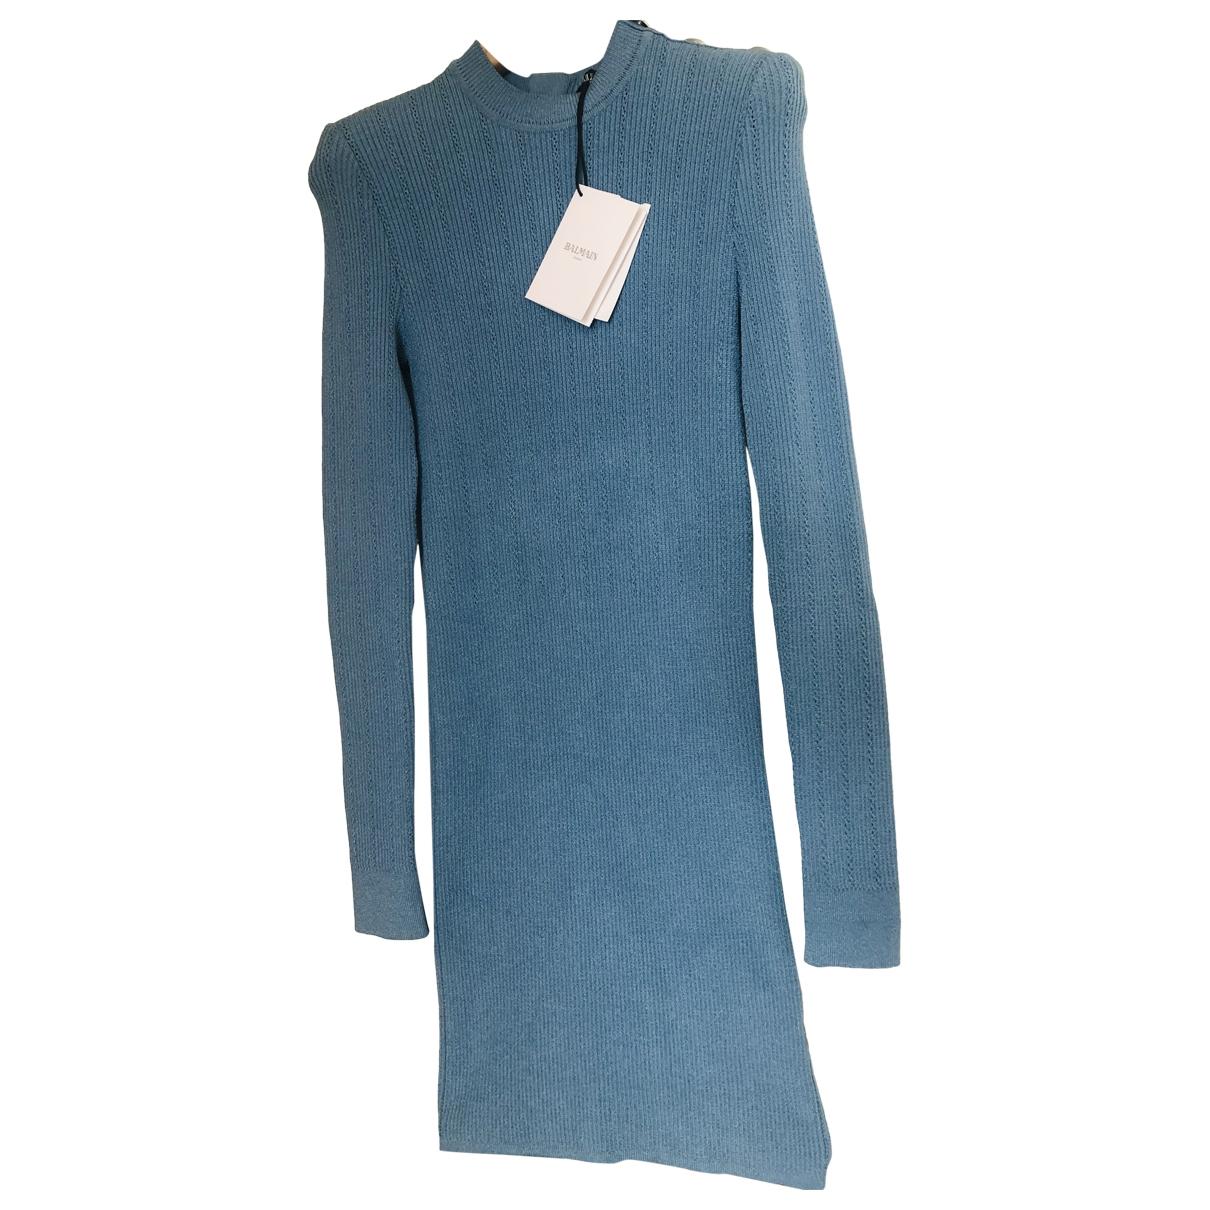 Balmain \N Kleid in  Blau Viskose